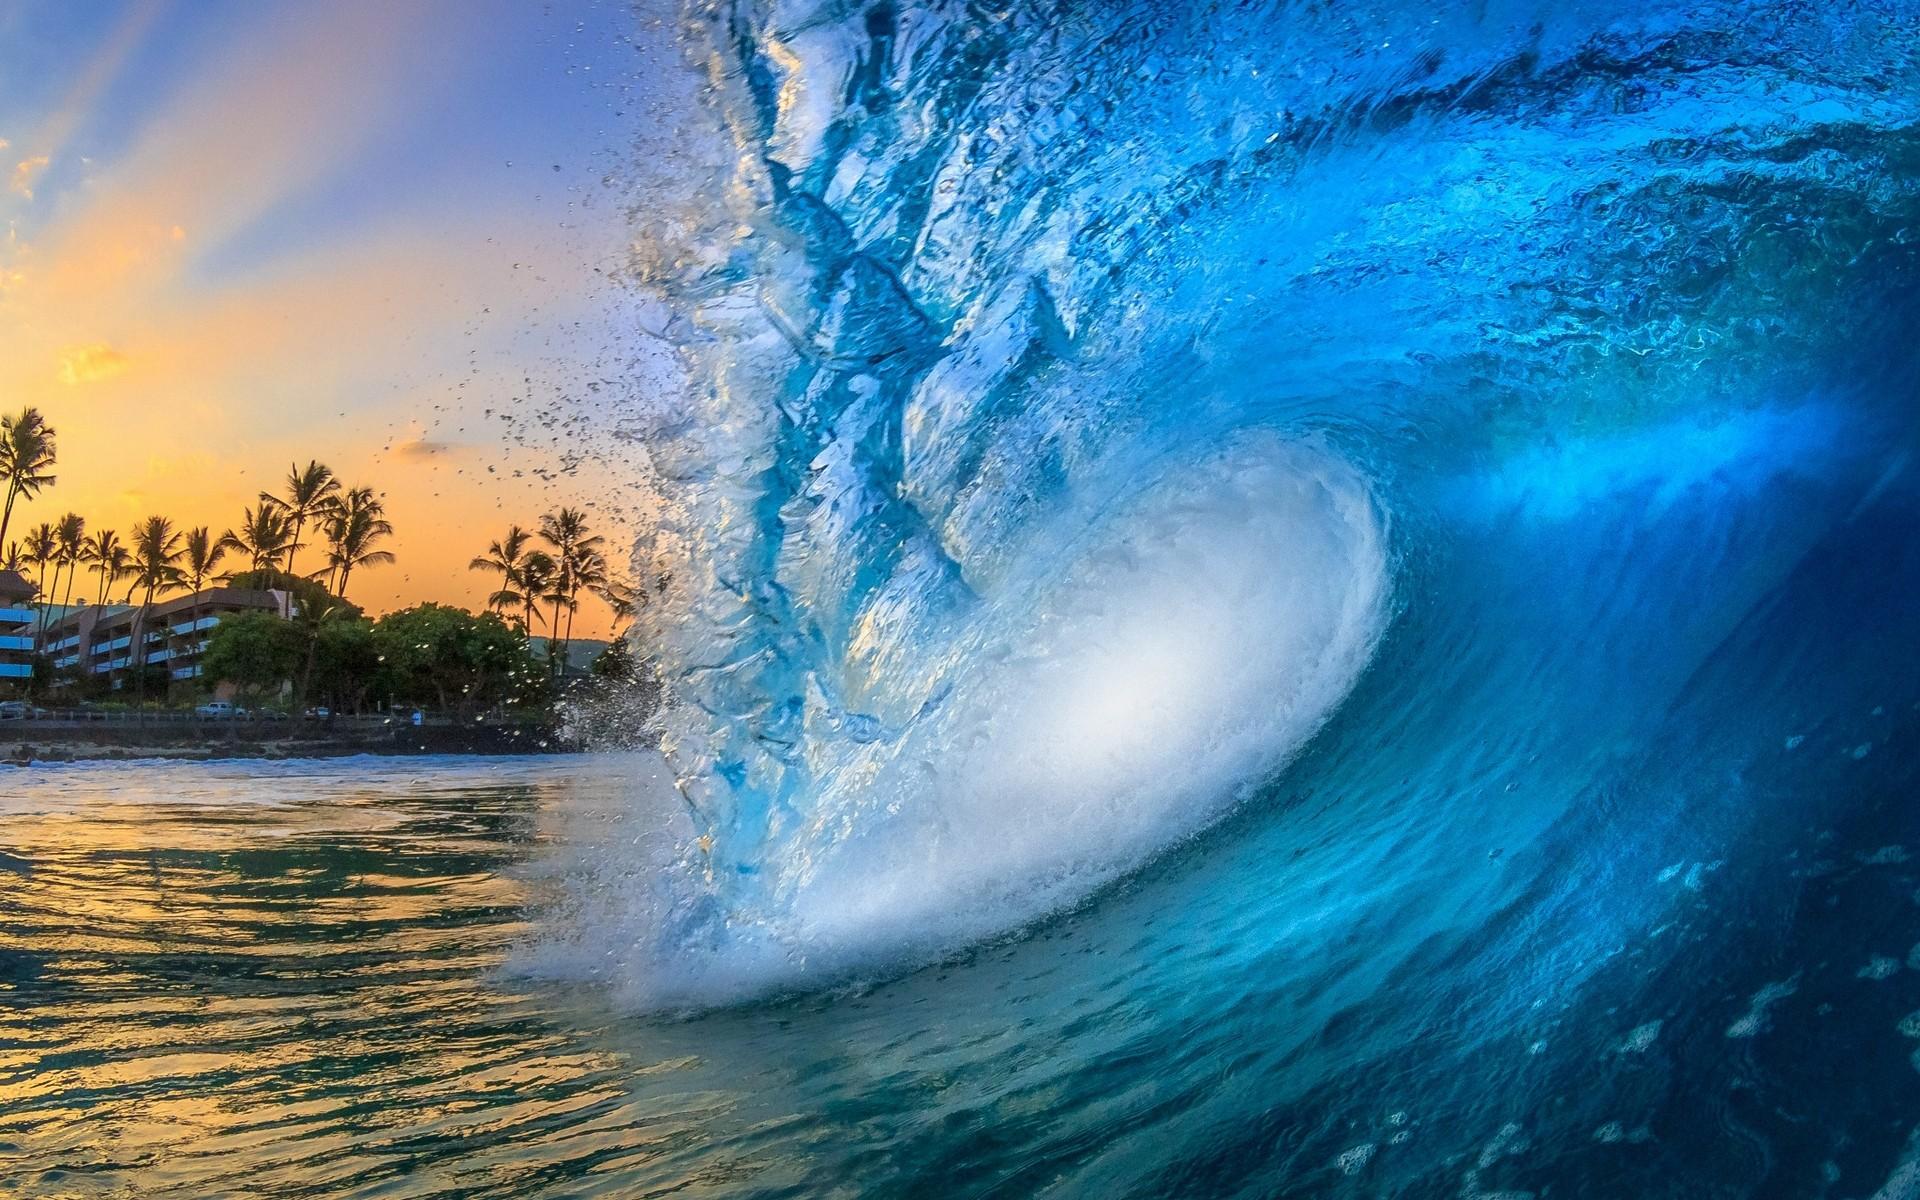 очень красивые картинки океана верьте, что вам